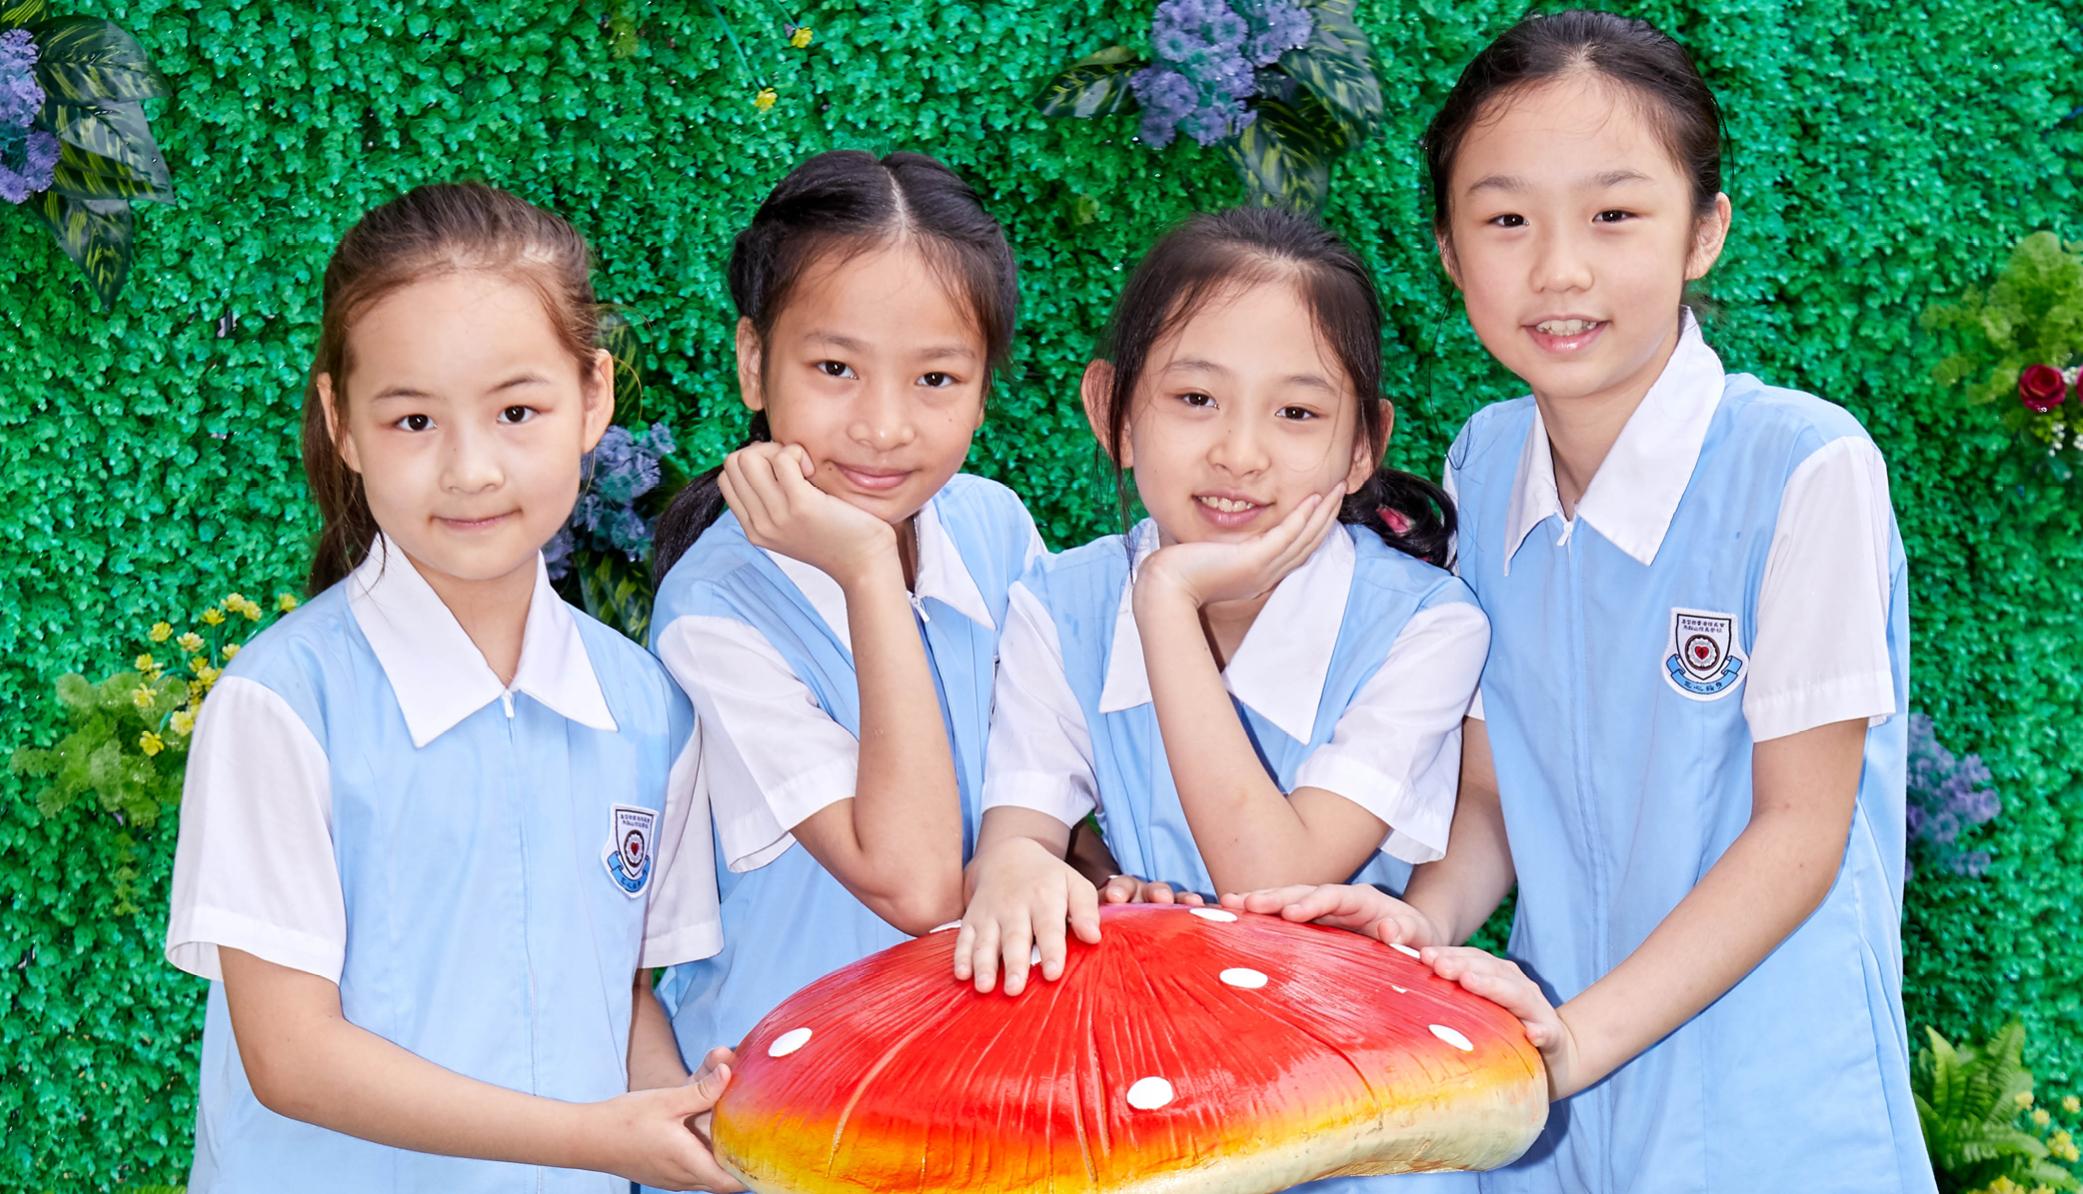 教育傳媒:基督教香港信義會馬鞍山信義學校:優化教與學效能 營造校園學習氣氛